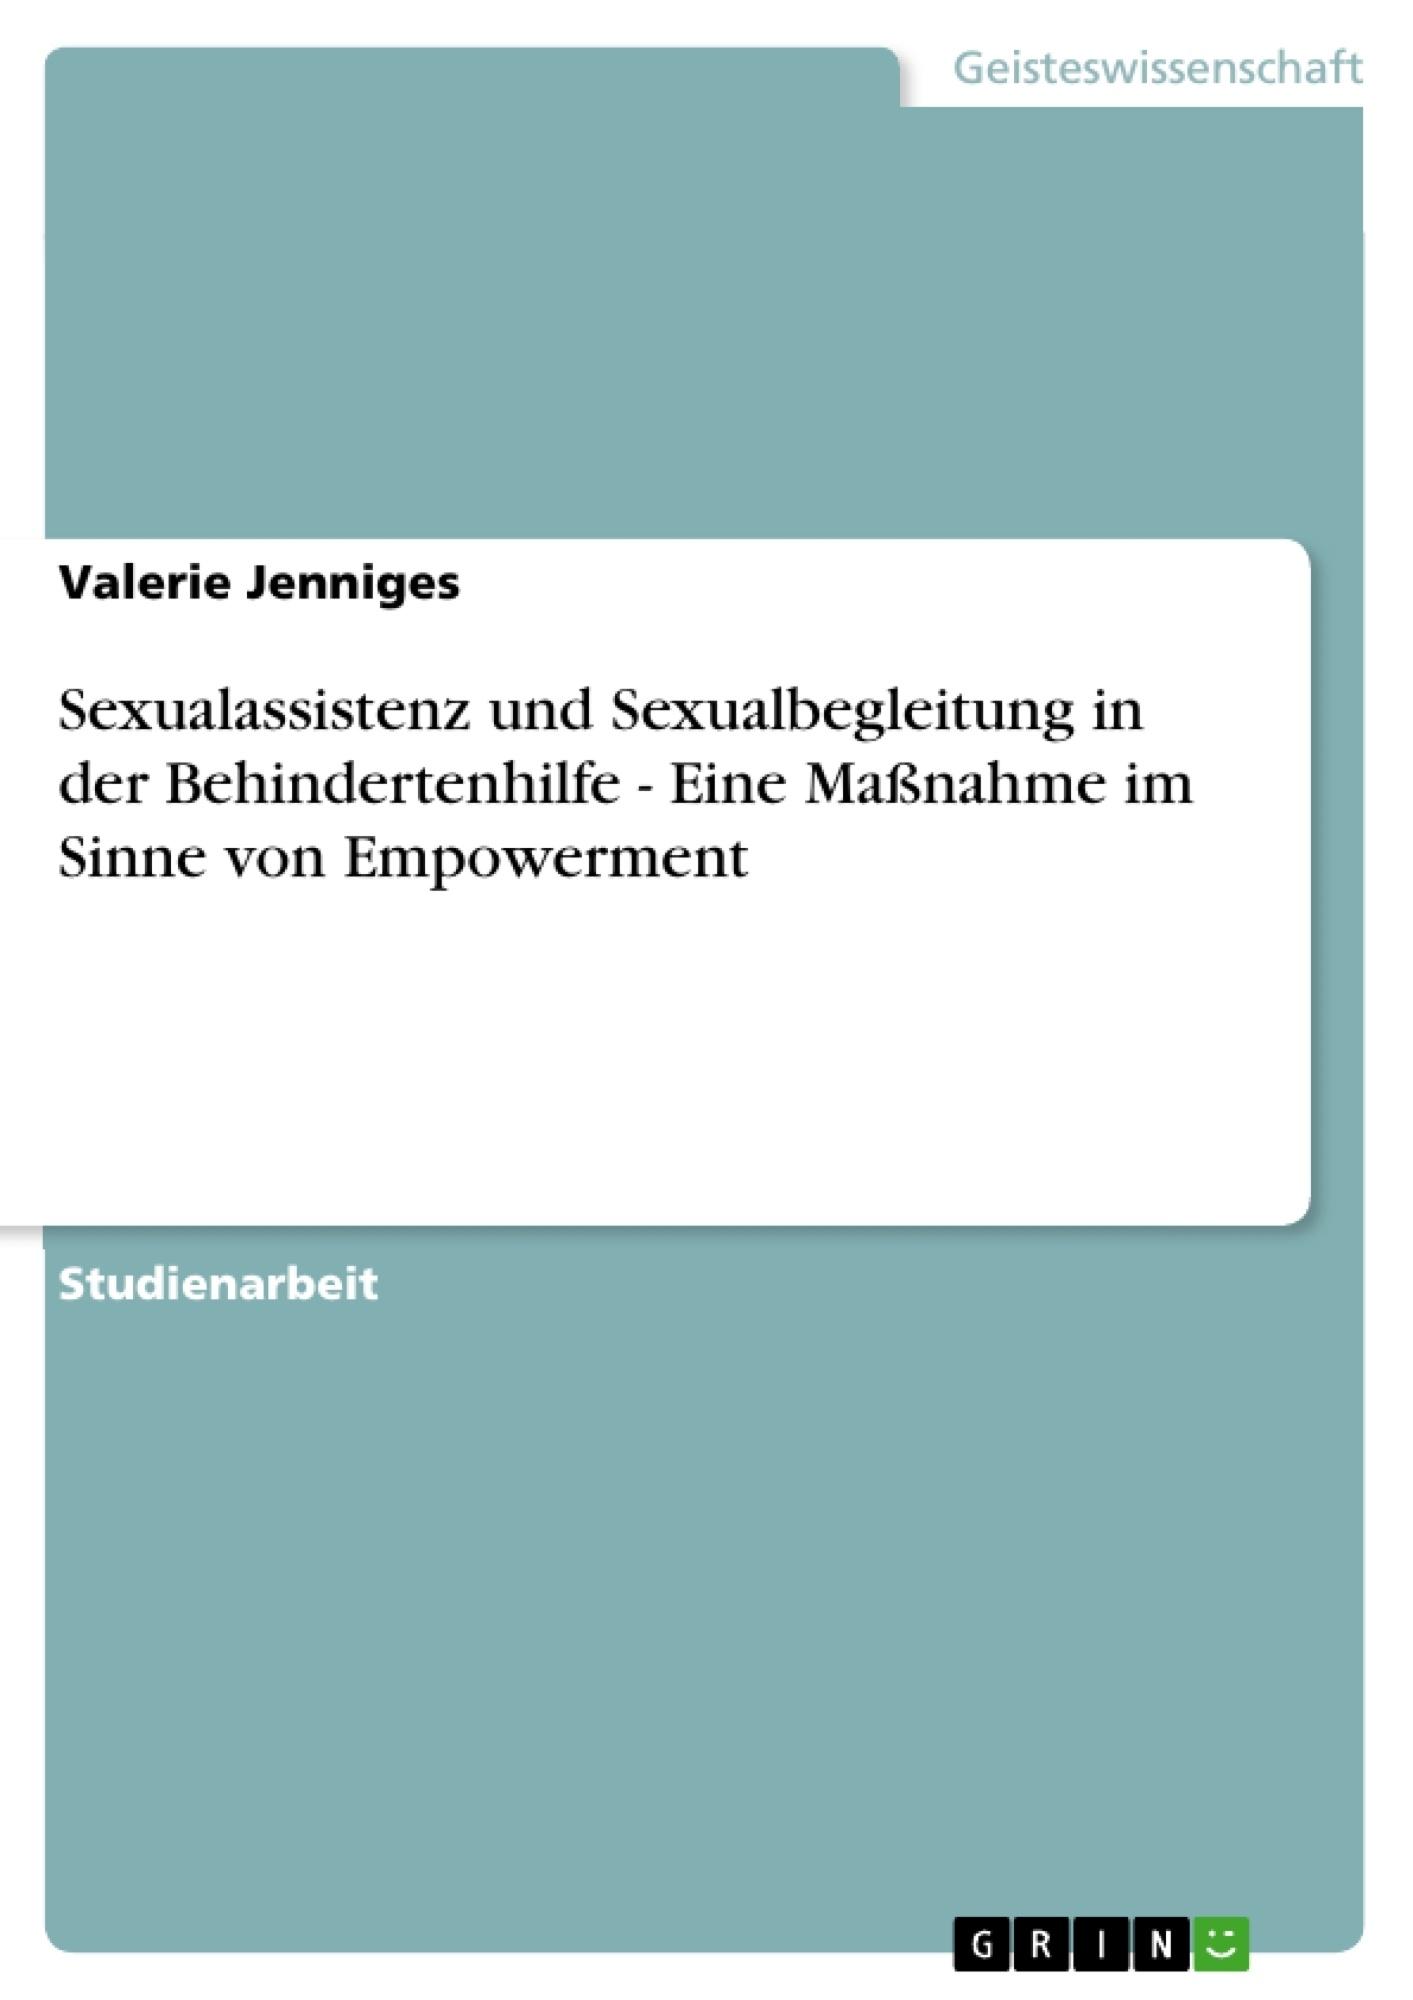 Titel: Sexualassistenz und Sexualbegleitung in der Behindertenhilfe - Eine Maßnahme im Sinne von Empowerment